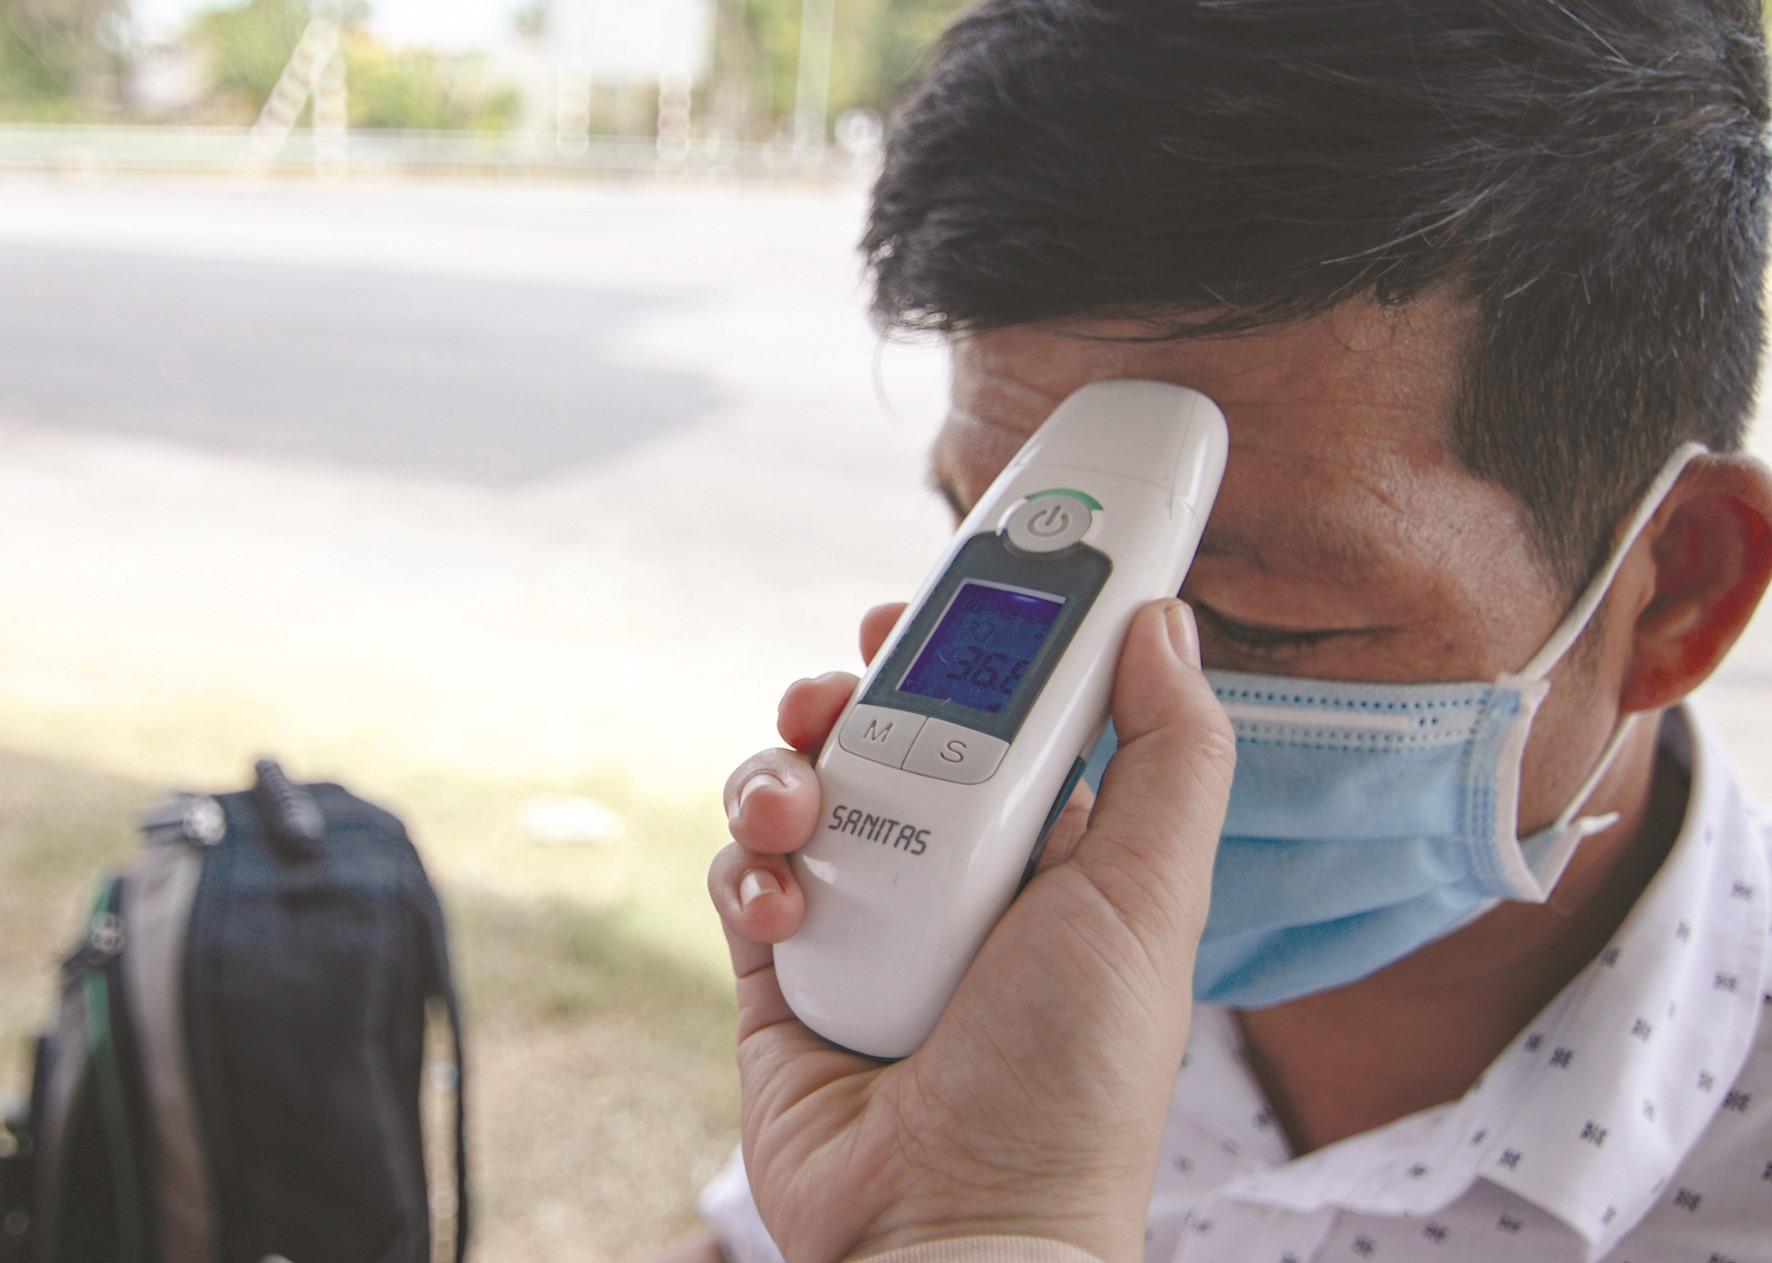 Ngoài 4 tổ chốt chặn của tỉnh, các địa phương đều đã tái lập các chốt kiểm soát phòng dịch. Người từ nơi khác đến đều được kiểm tra thân nhiệt, khai báo y tế. Ảnh: T.C